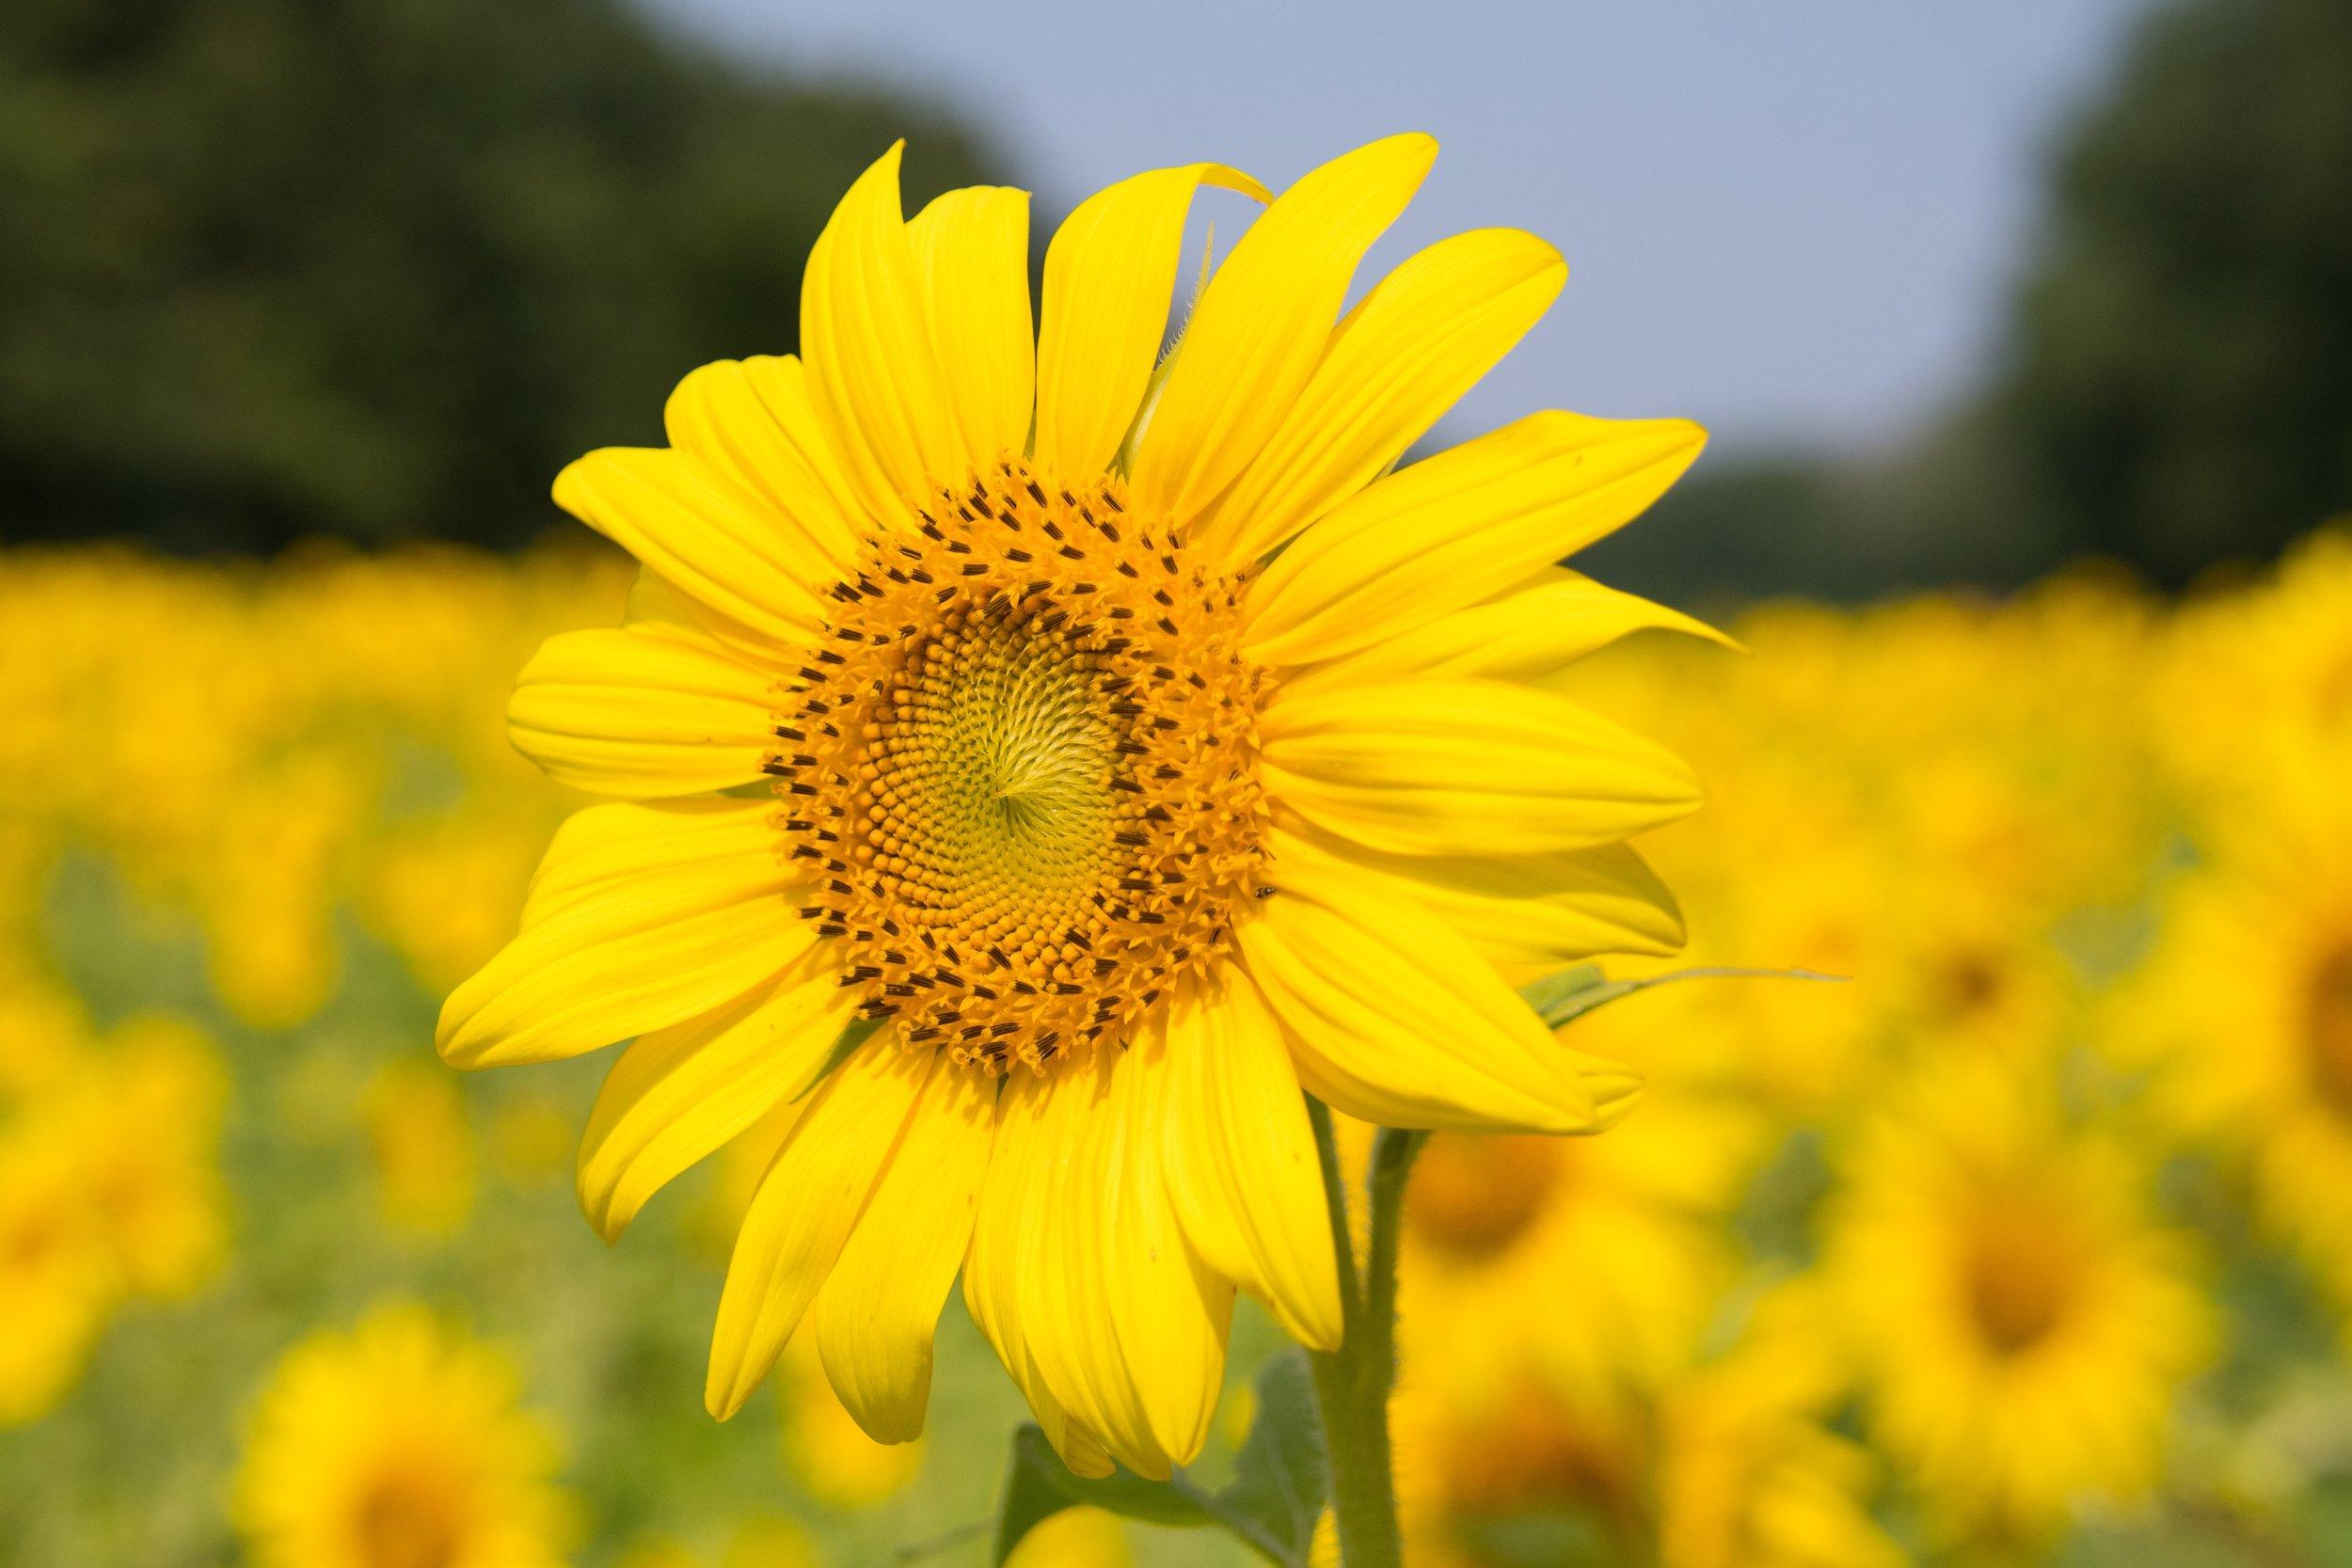 bloom-blossom-delicate-635529.jpg